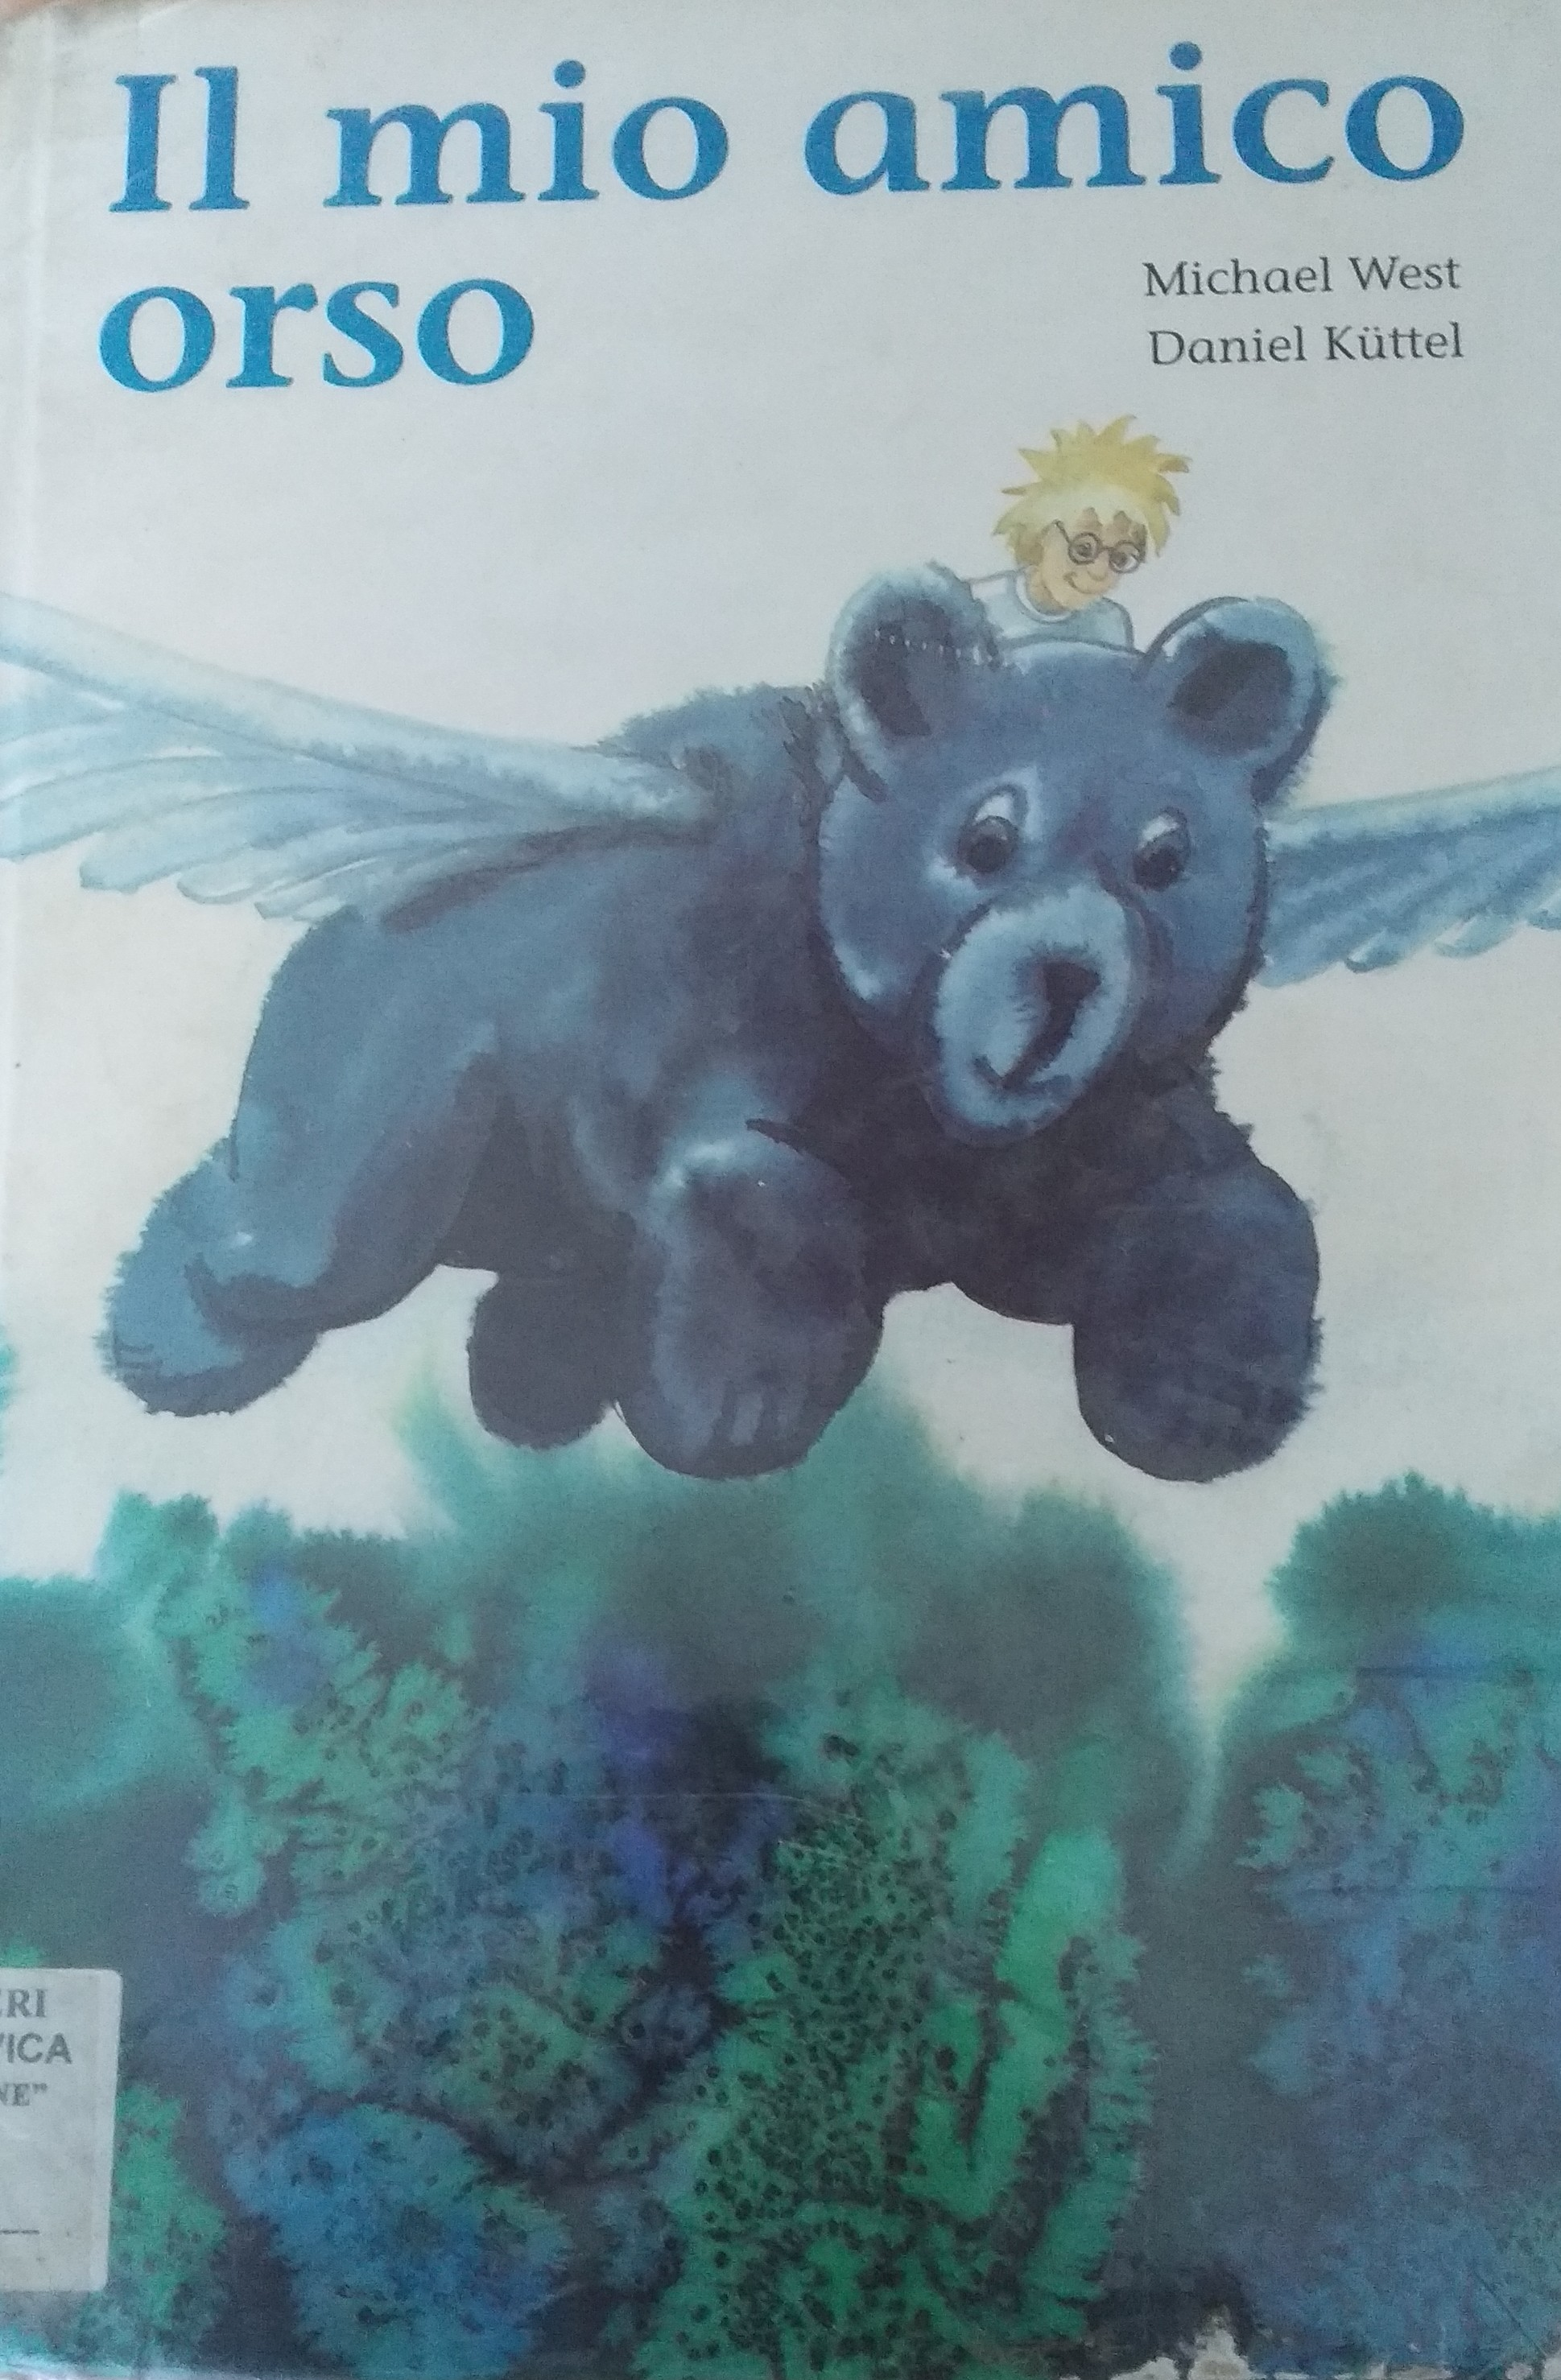 Il mio amico orso